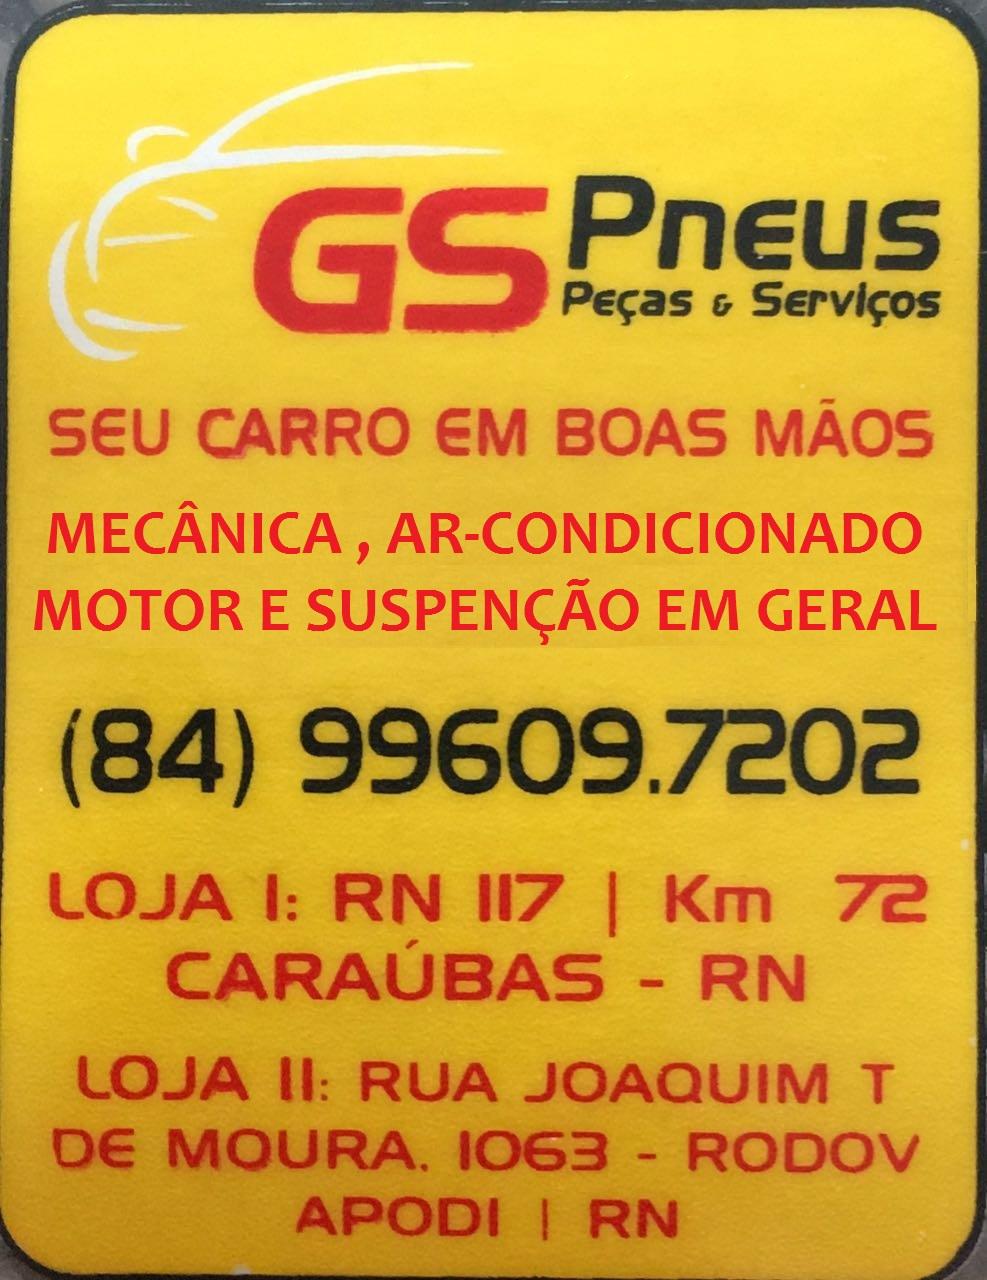 GS PNEUS PEÇAS E SERVIÇOS